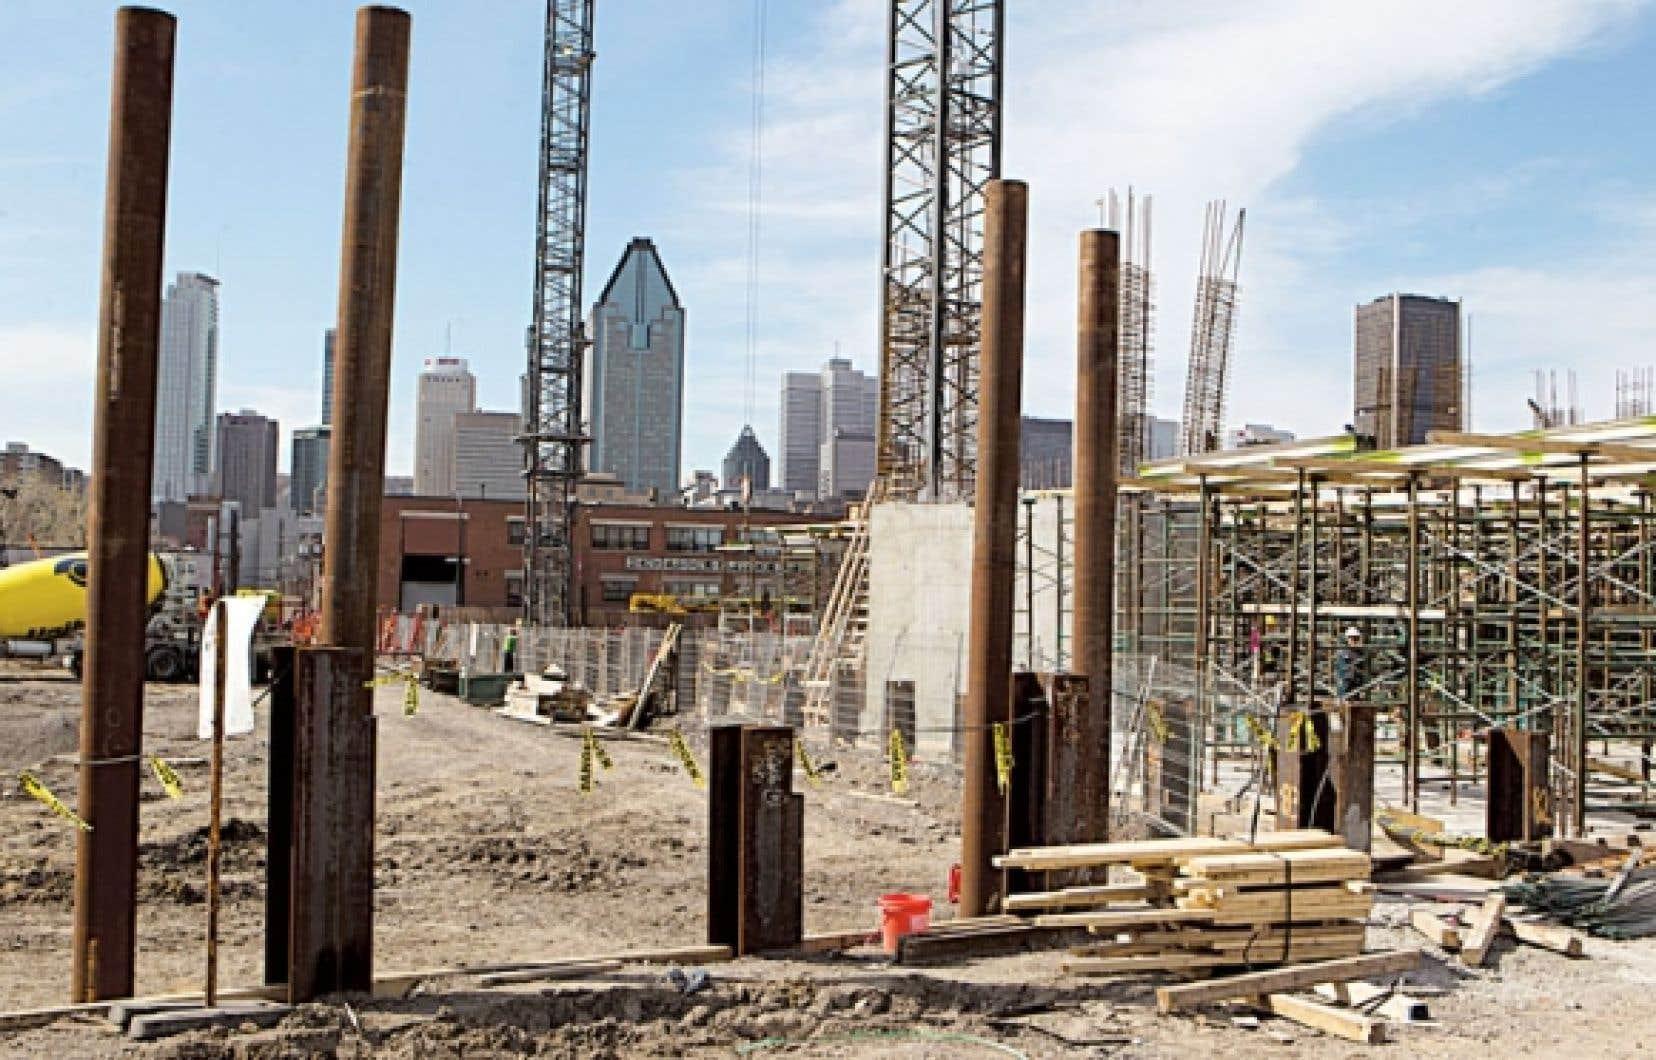 Quelque 17 projets immobiliers sont autorisés ou en voie de l'être dans cet ancien quartier ouvrier.